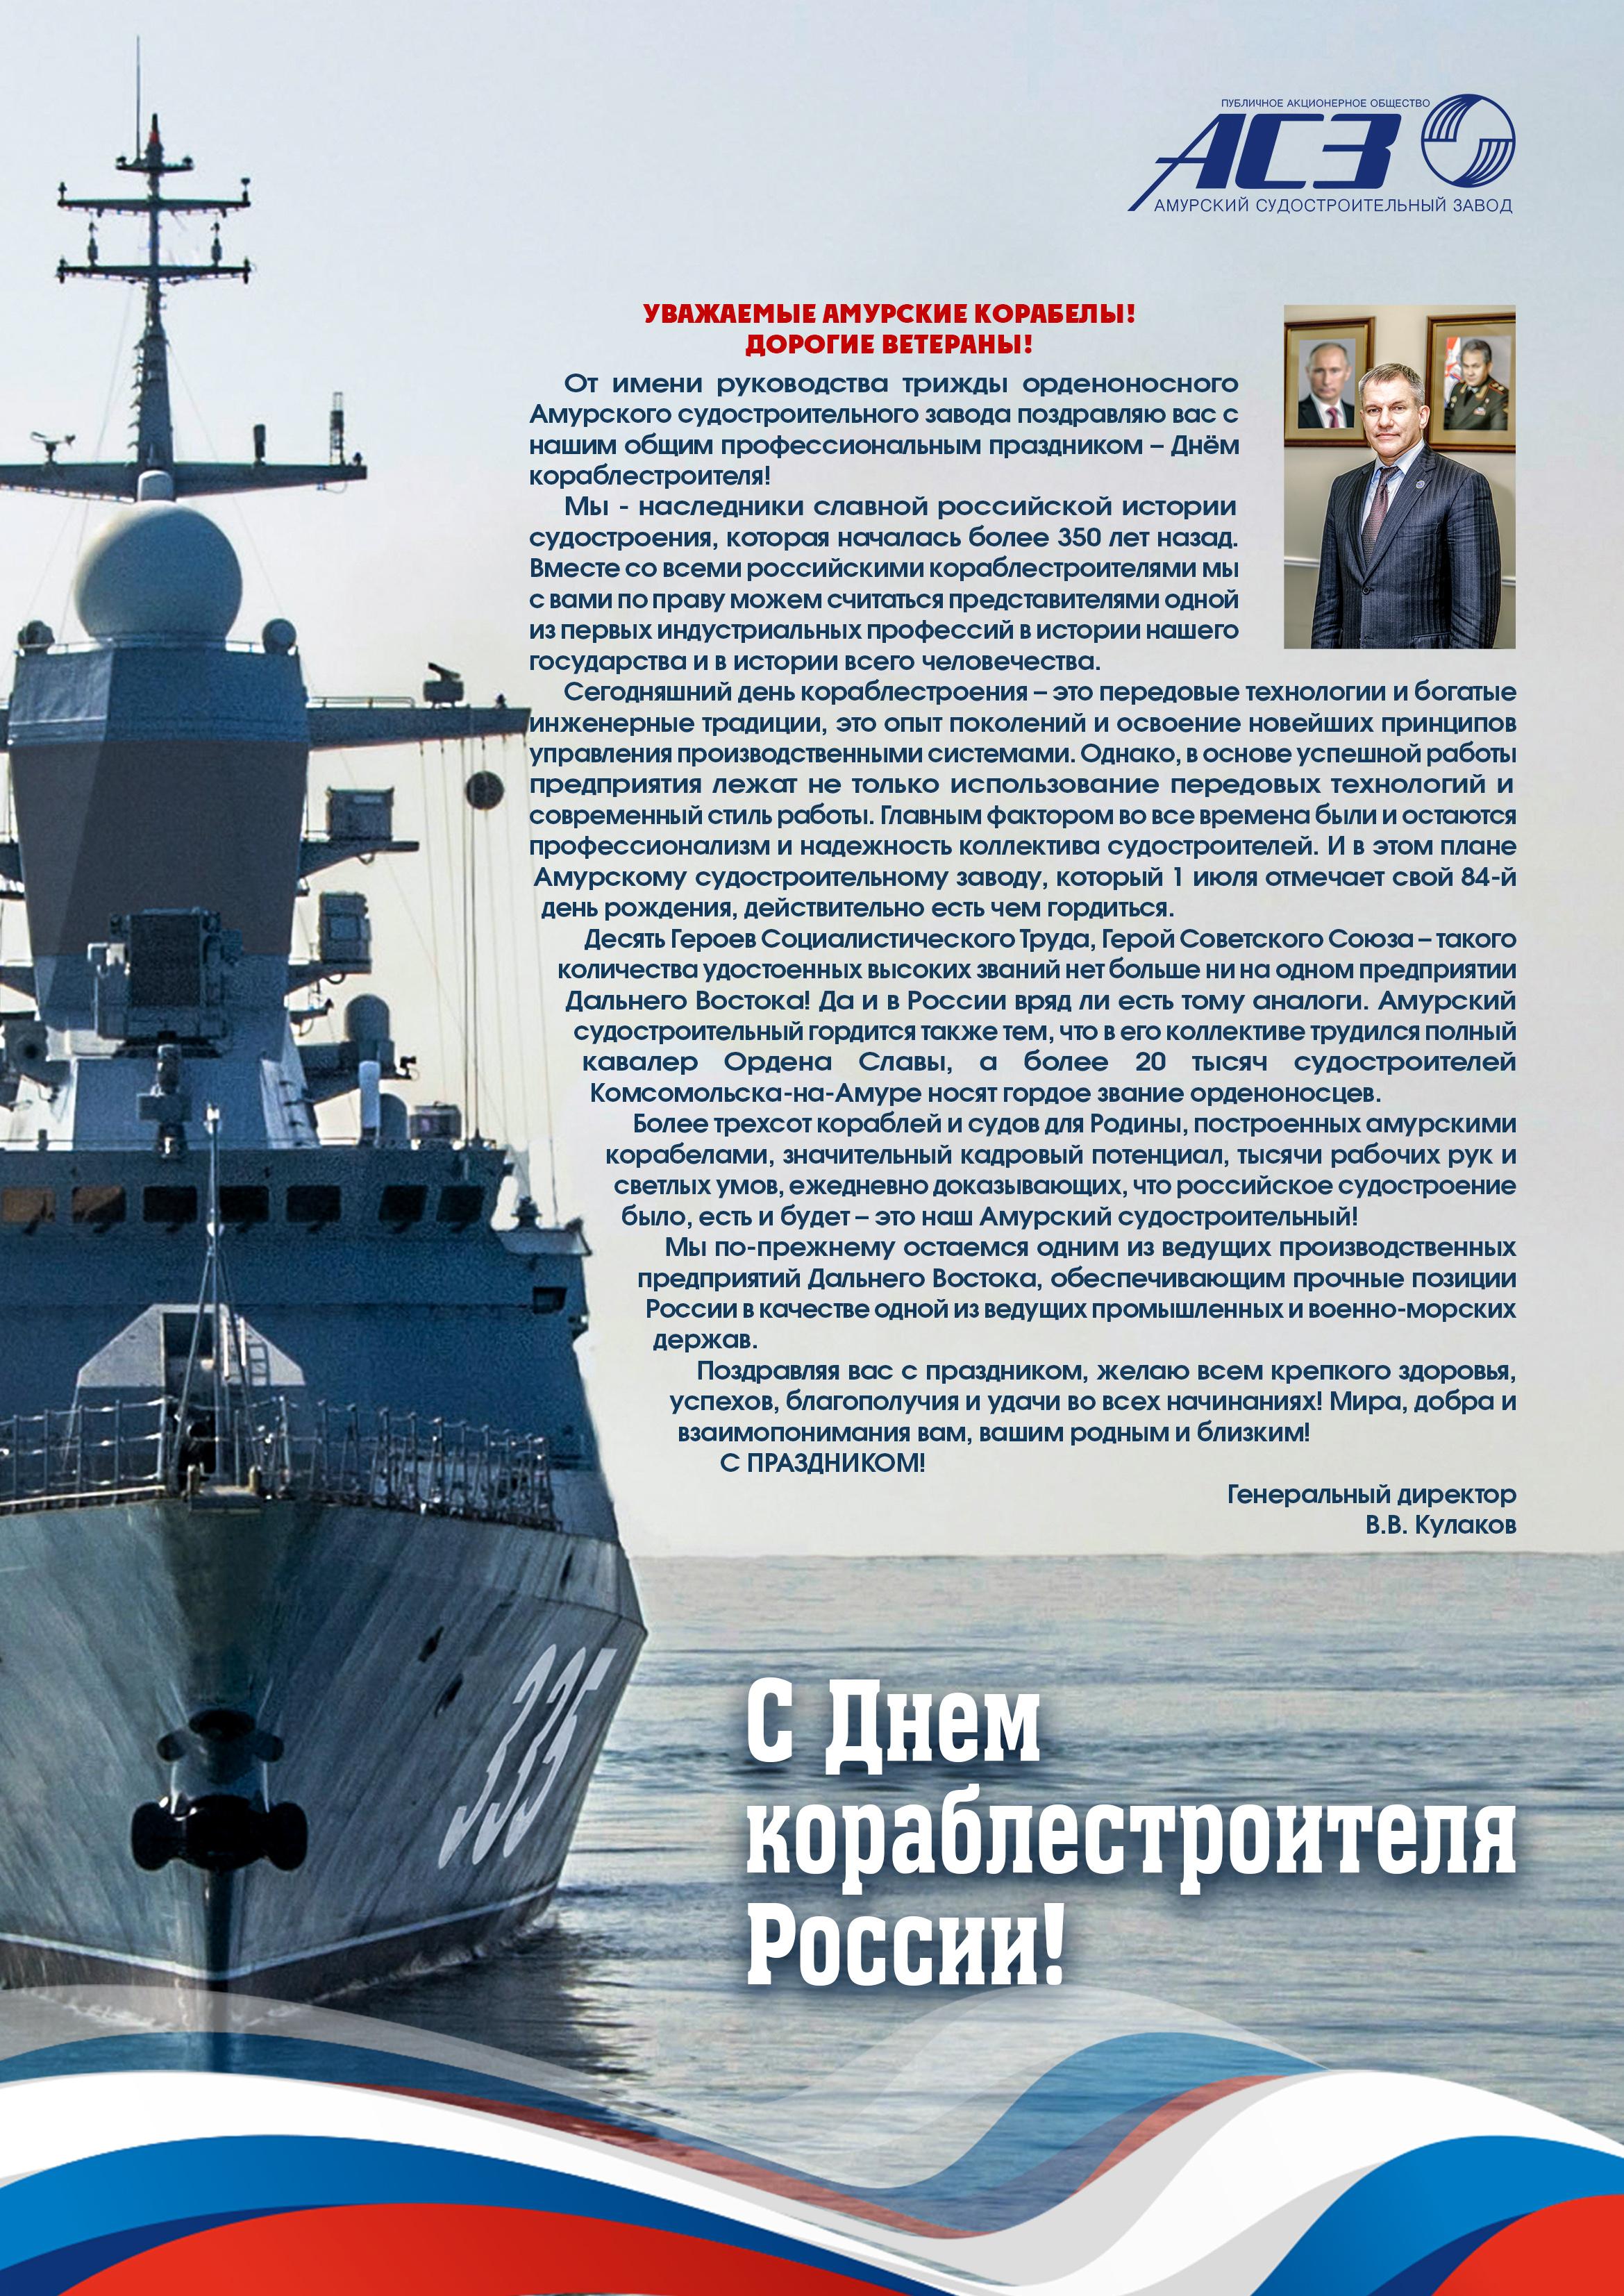 Плакат ко Дню Кораблестроителя (Кулаков)